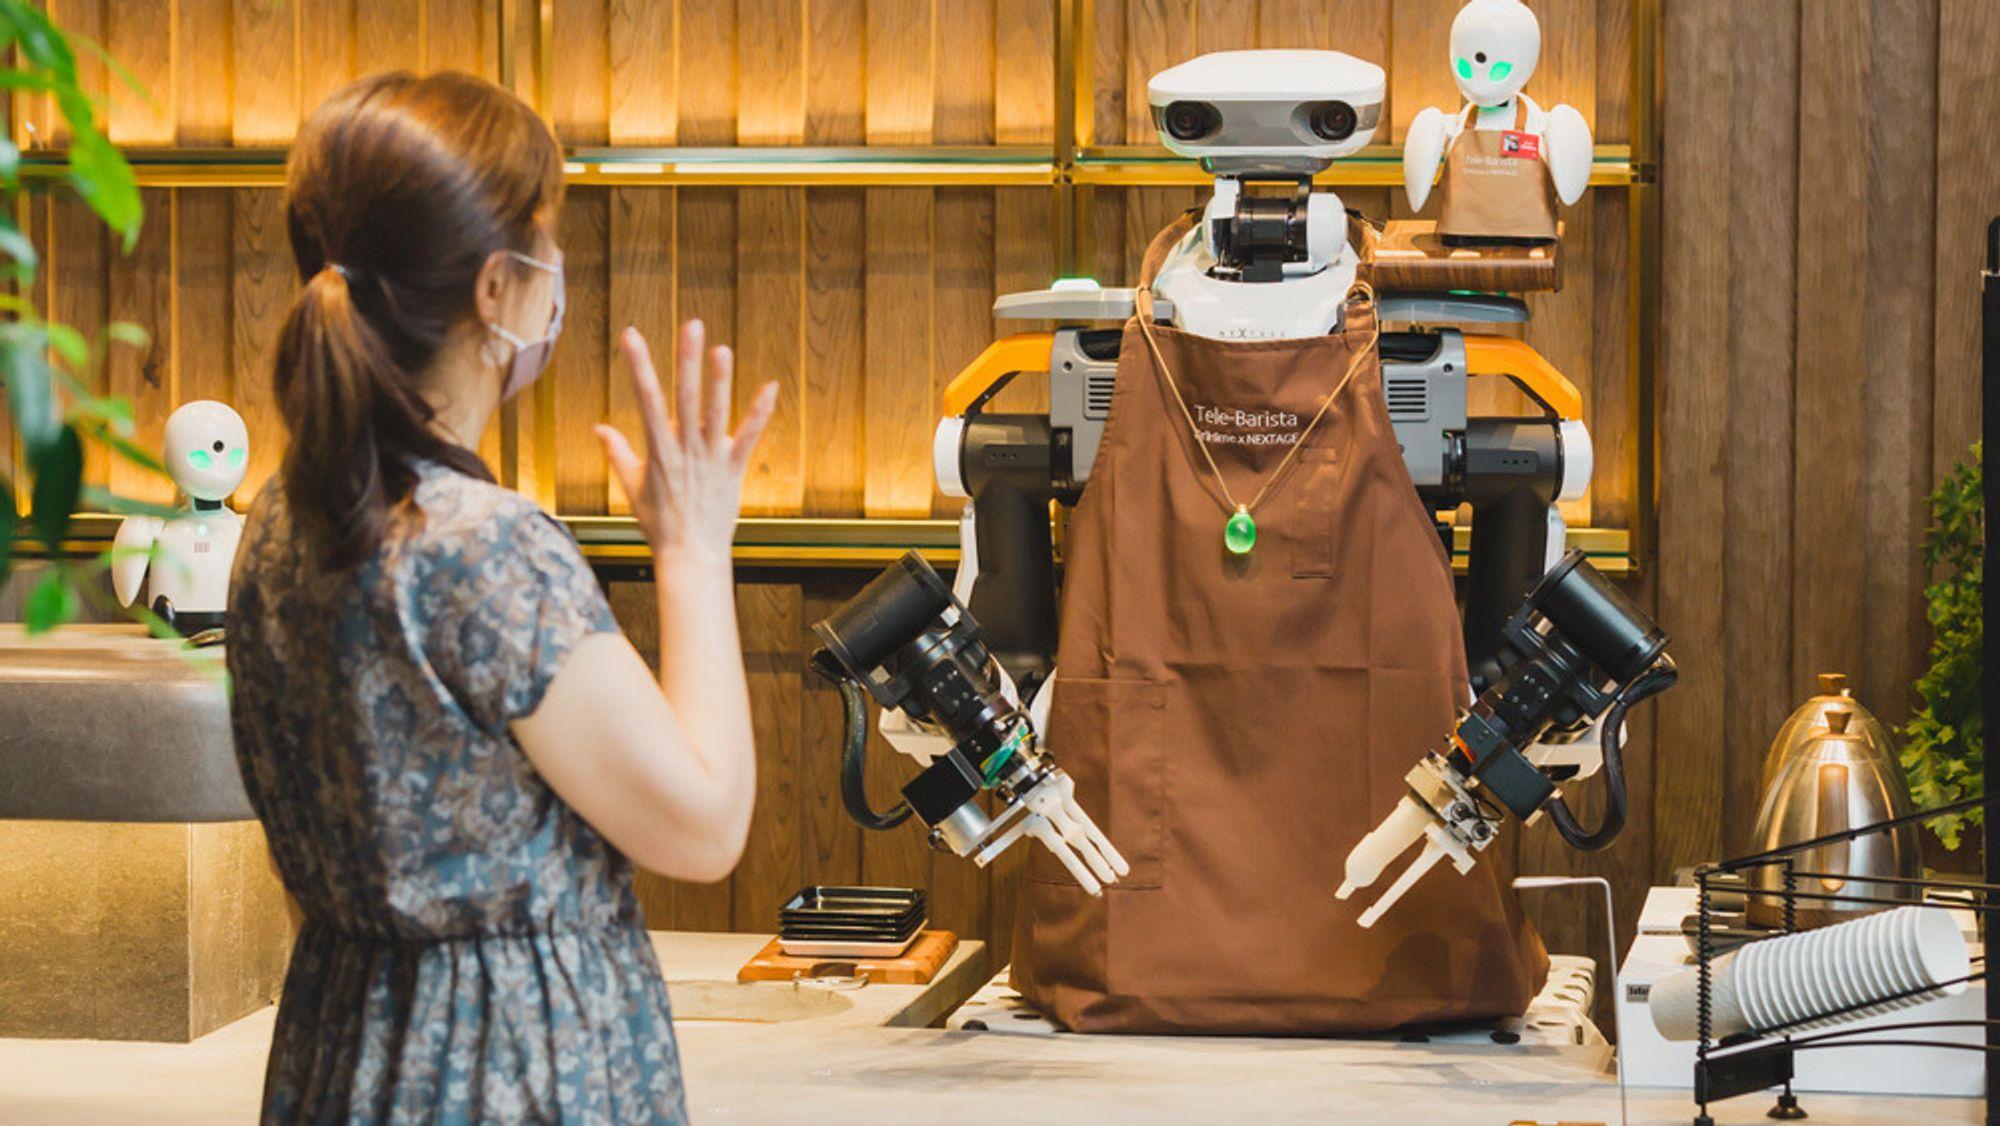 Robotbaristaen er fjernstyrt av en ALS-pasient som tidligere jobbet som barista.